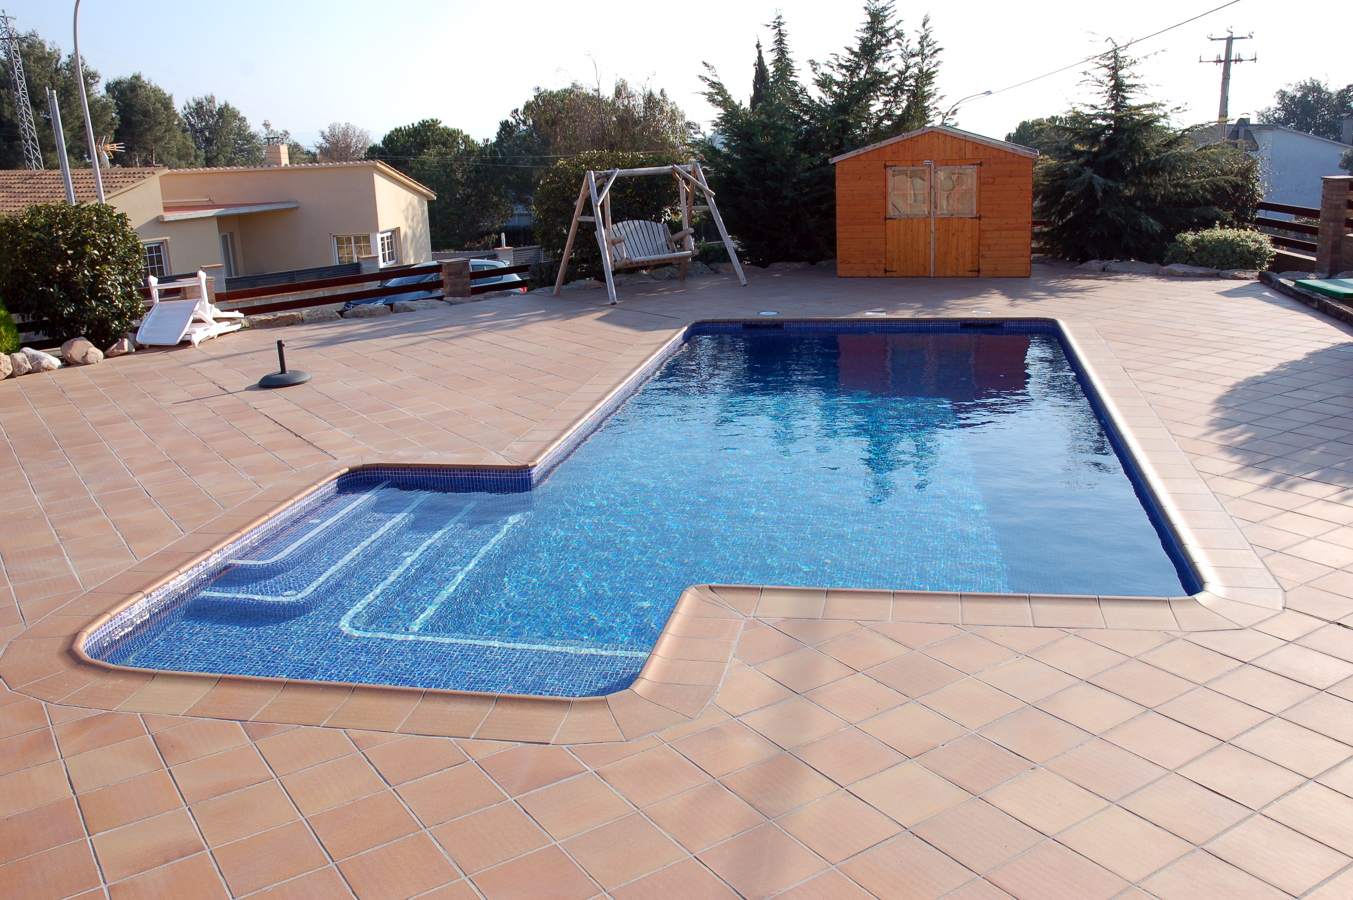 Foto piscina rectangular de piscines munt 251092 habitissimo - Piscina arabial granada precios ...